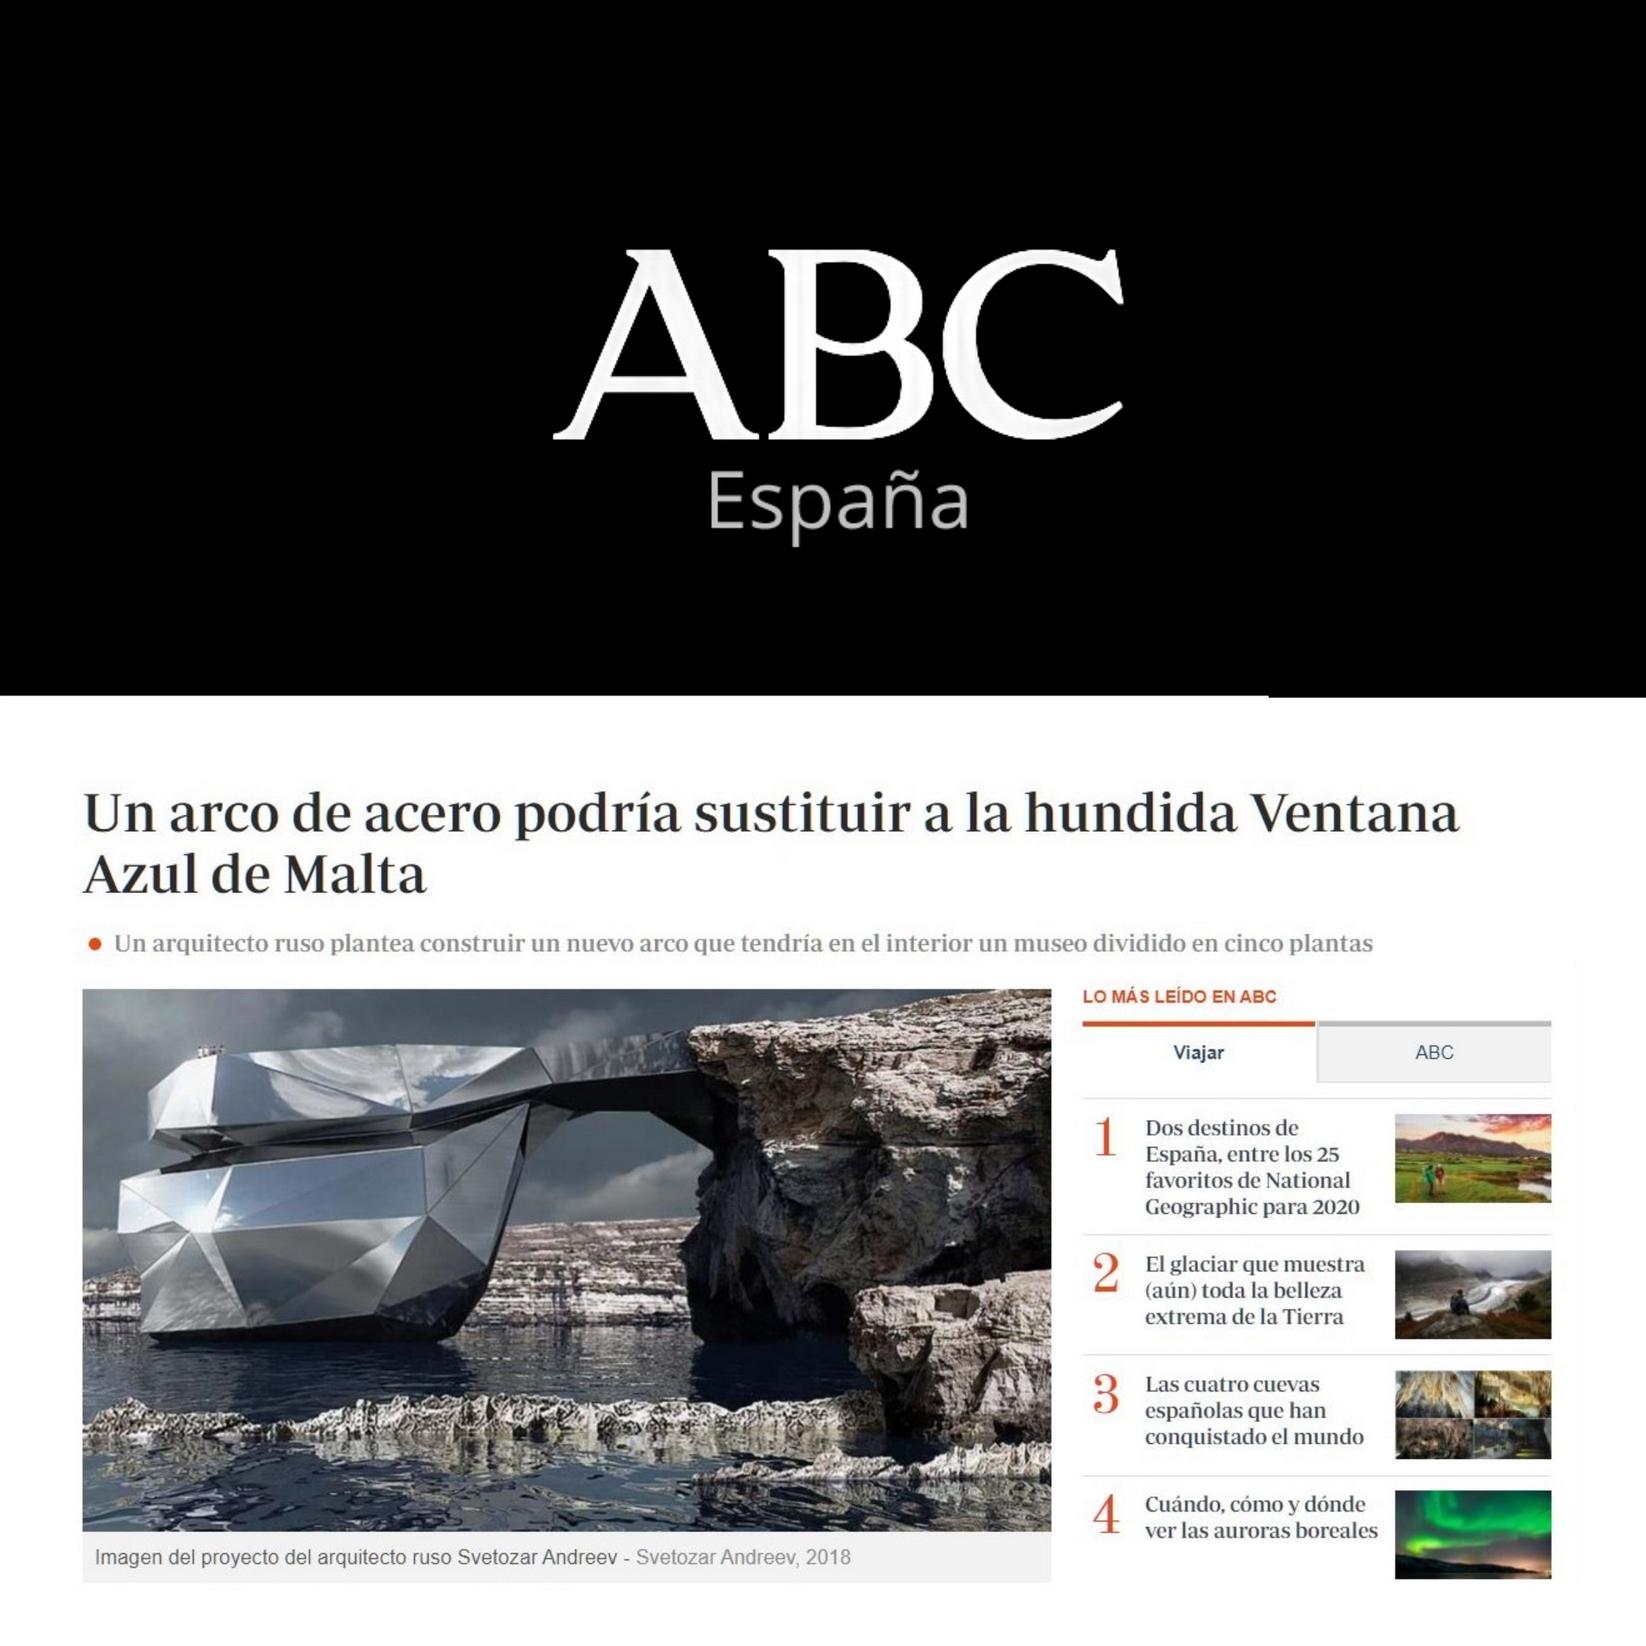 ABC SPAIN